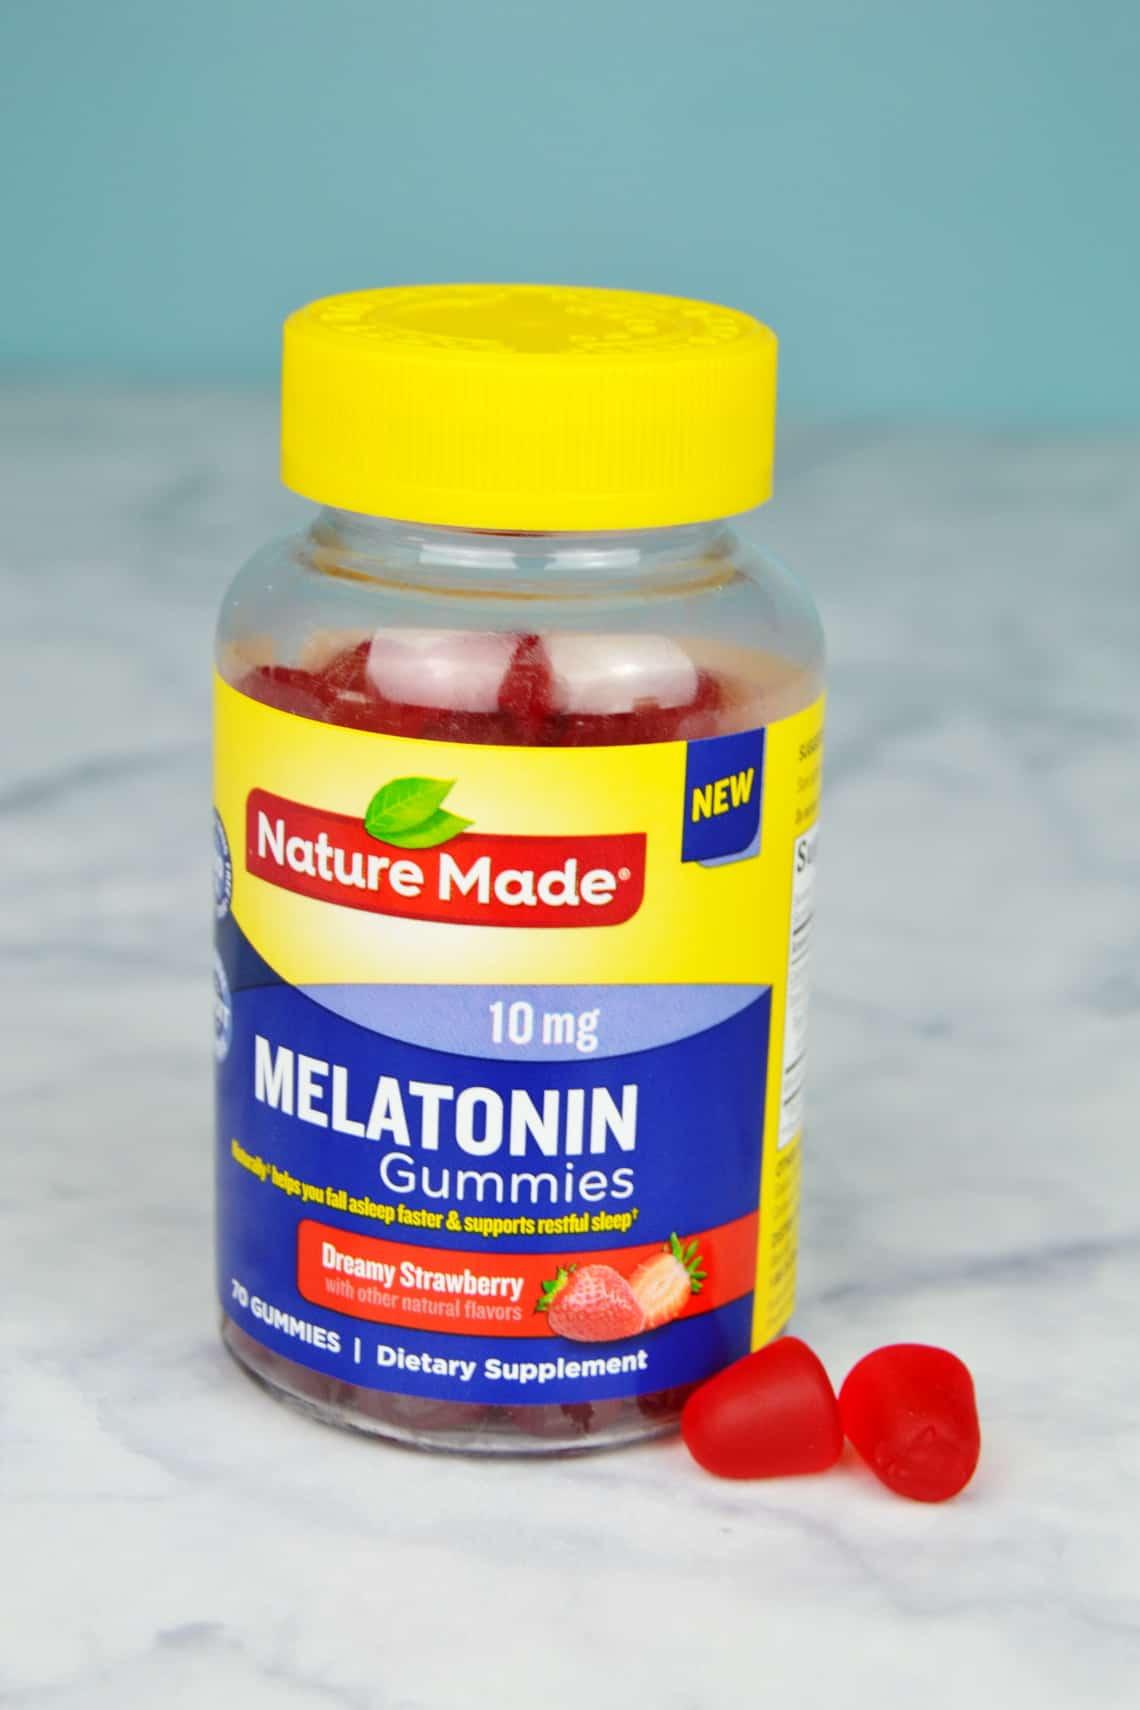 melatonin bottle on the counter